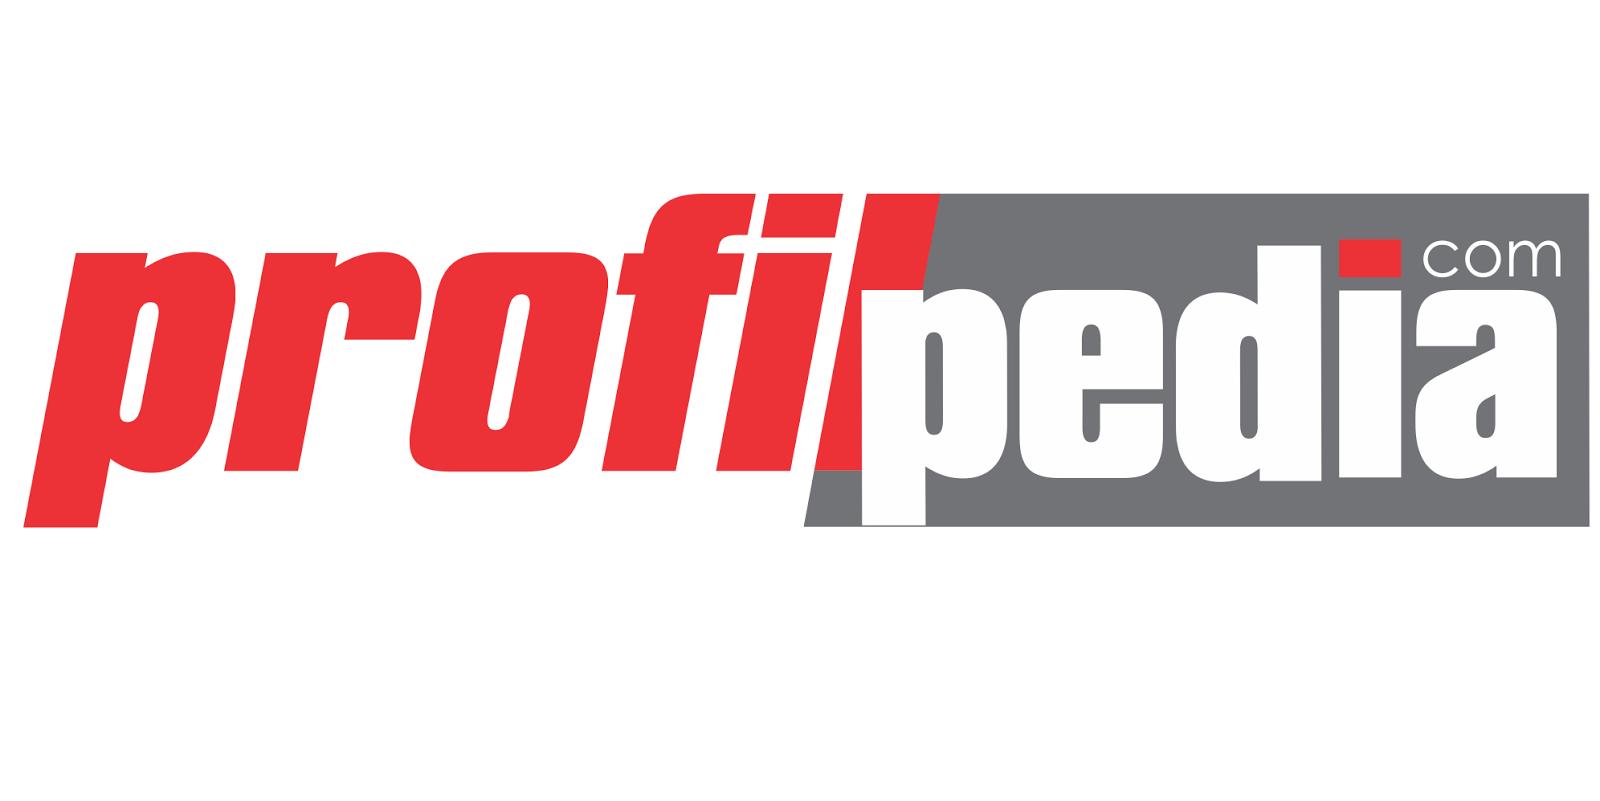 About ProfilPedia.com